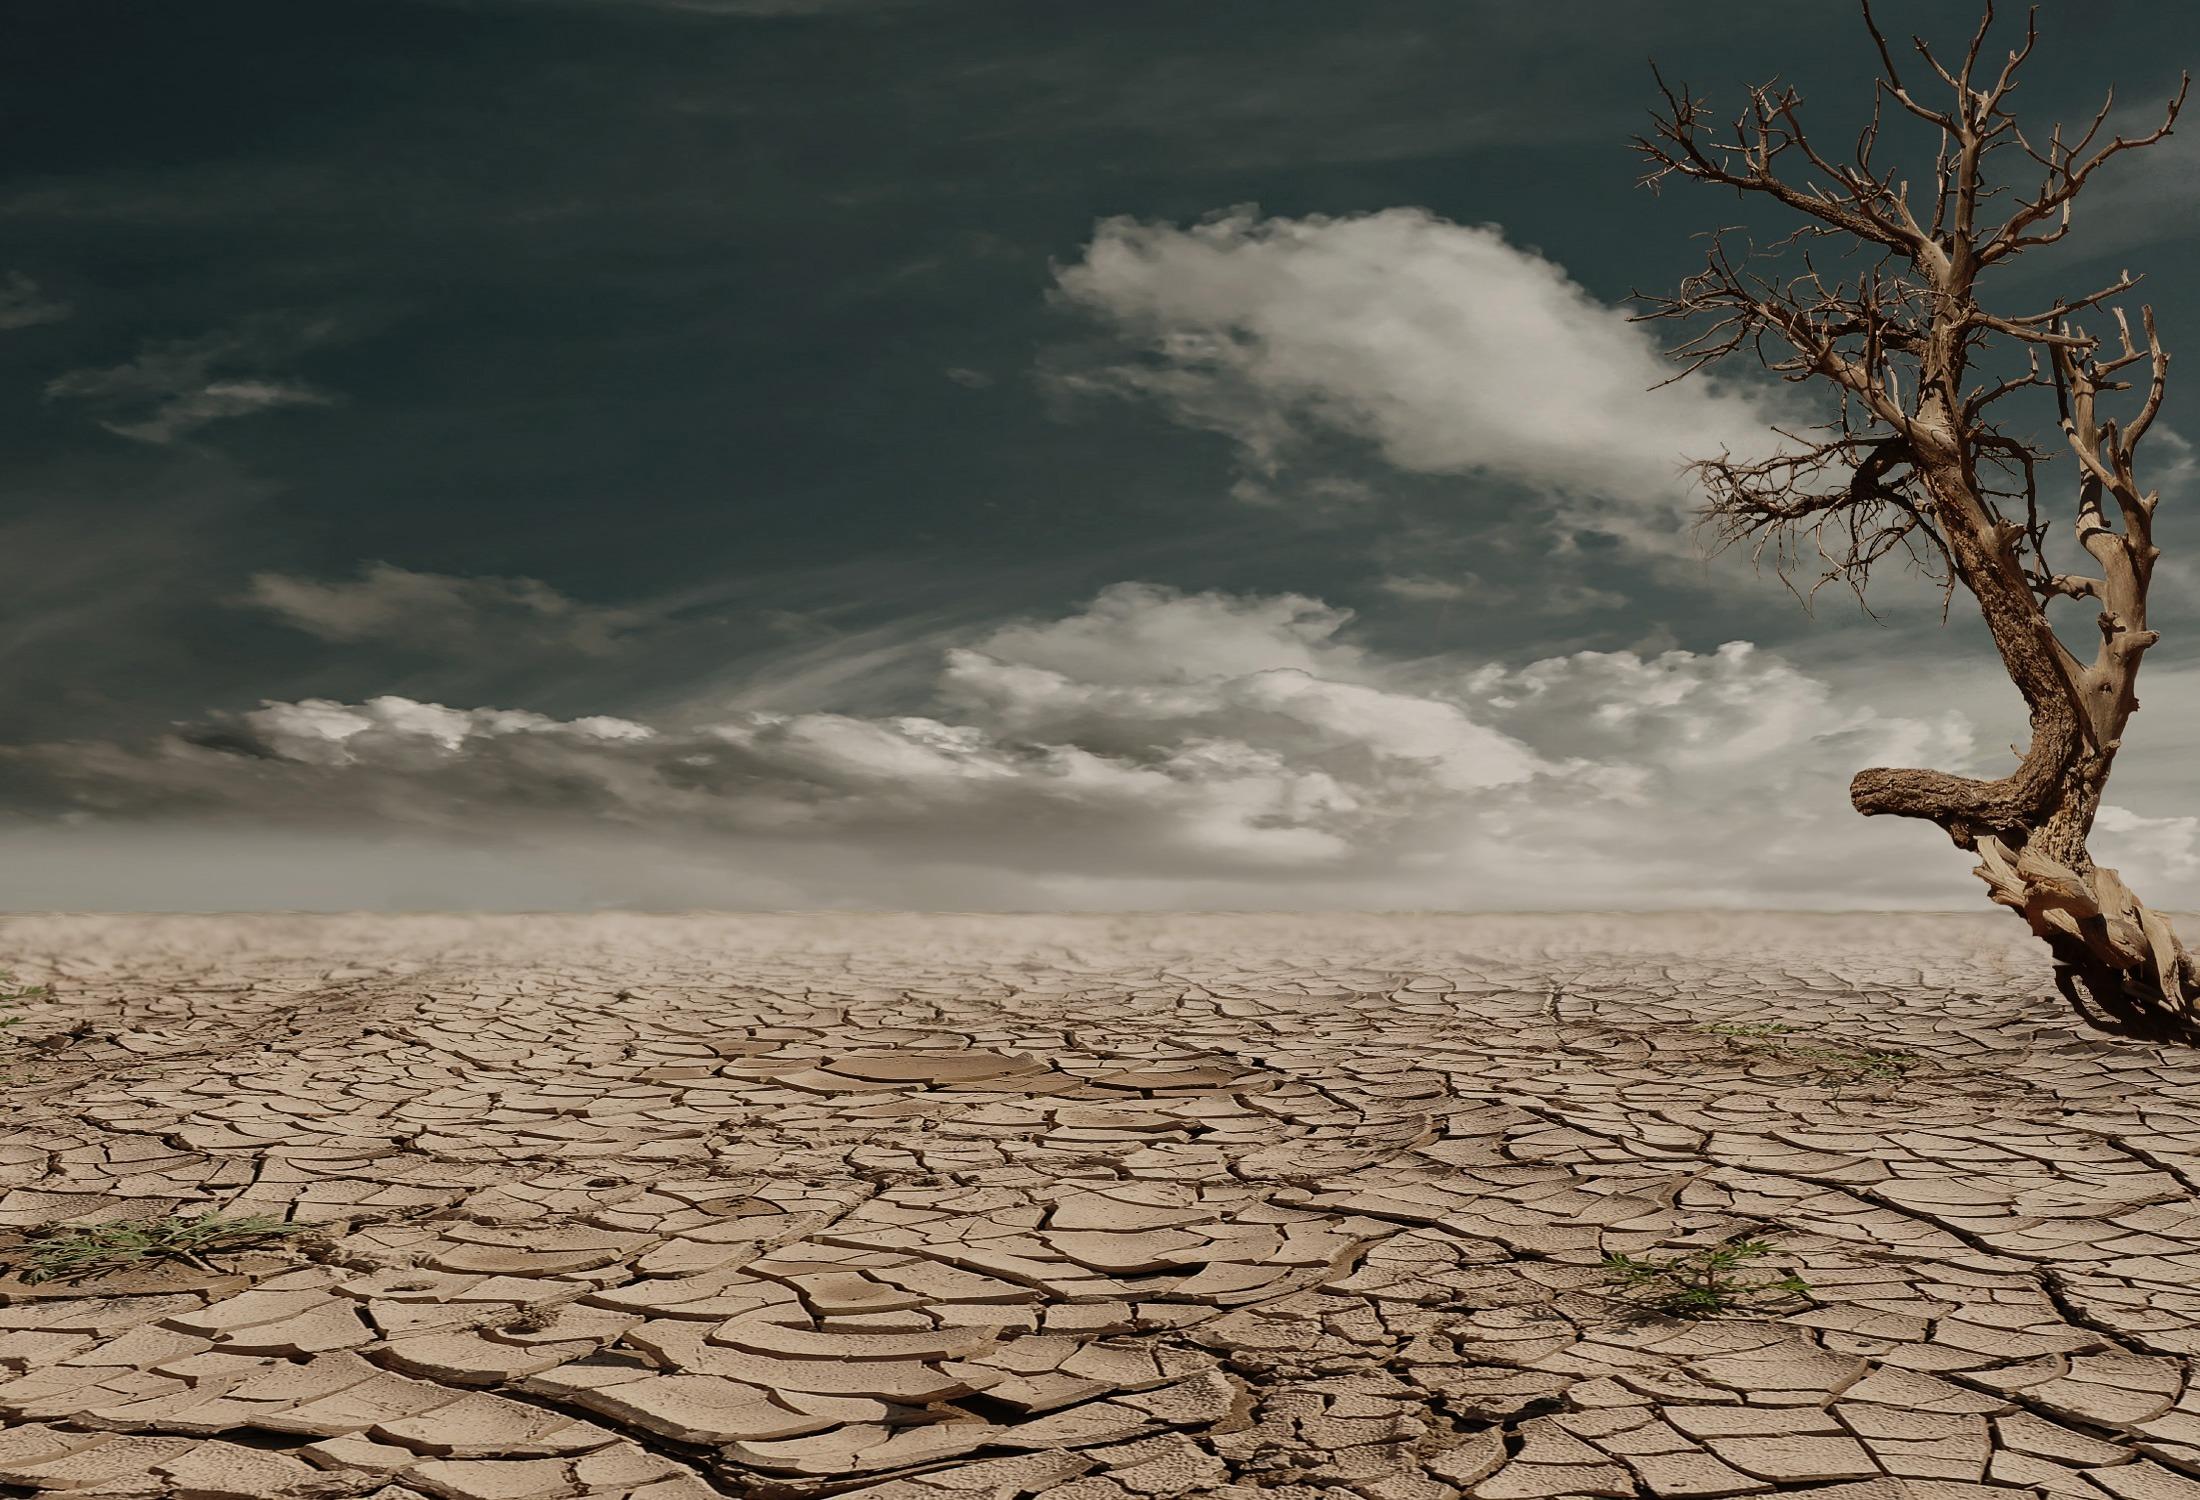 Die Auswirkungen Auf Holzfußböden Sind, Abhängig Von Holz  Und Verlegart,  Unterschiedlich Stark Bemerkbar, Meist Aber Unerfreulich.